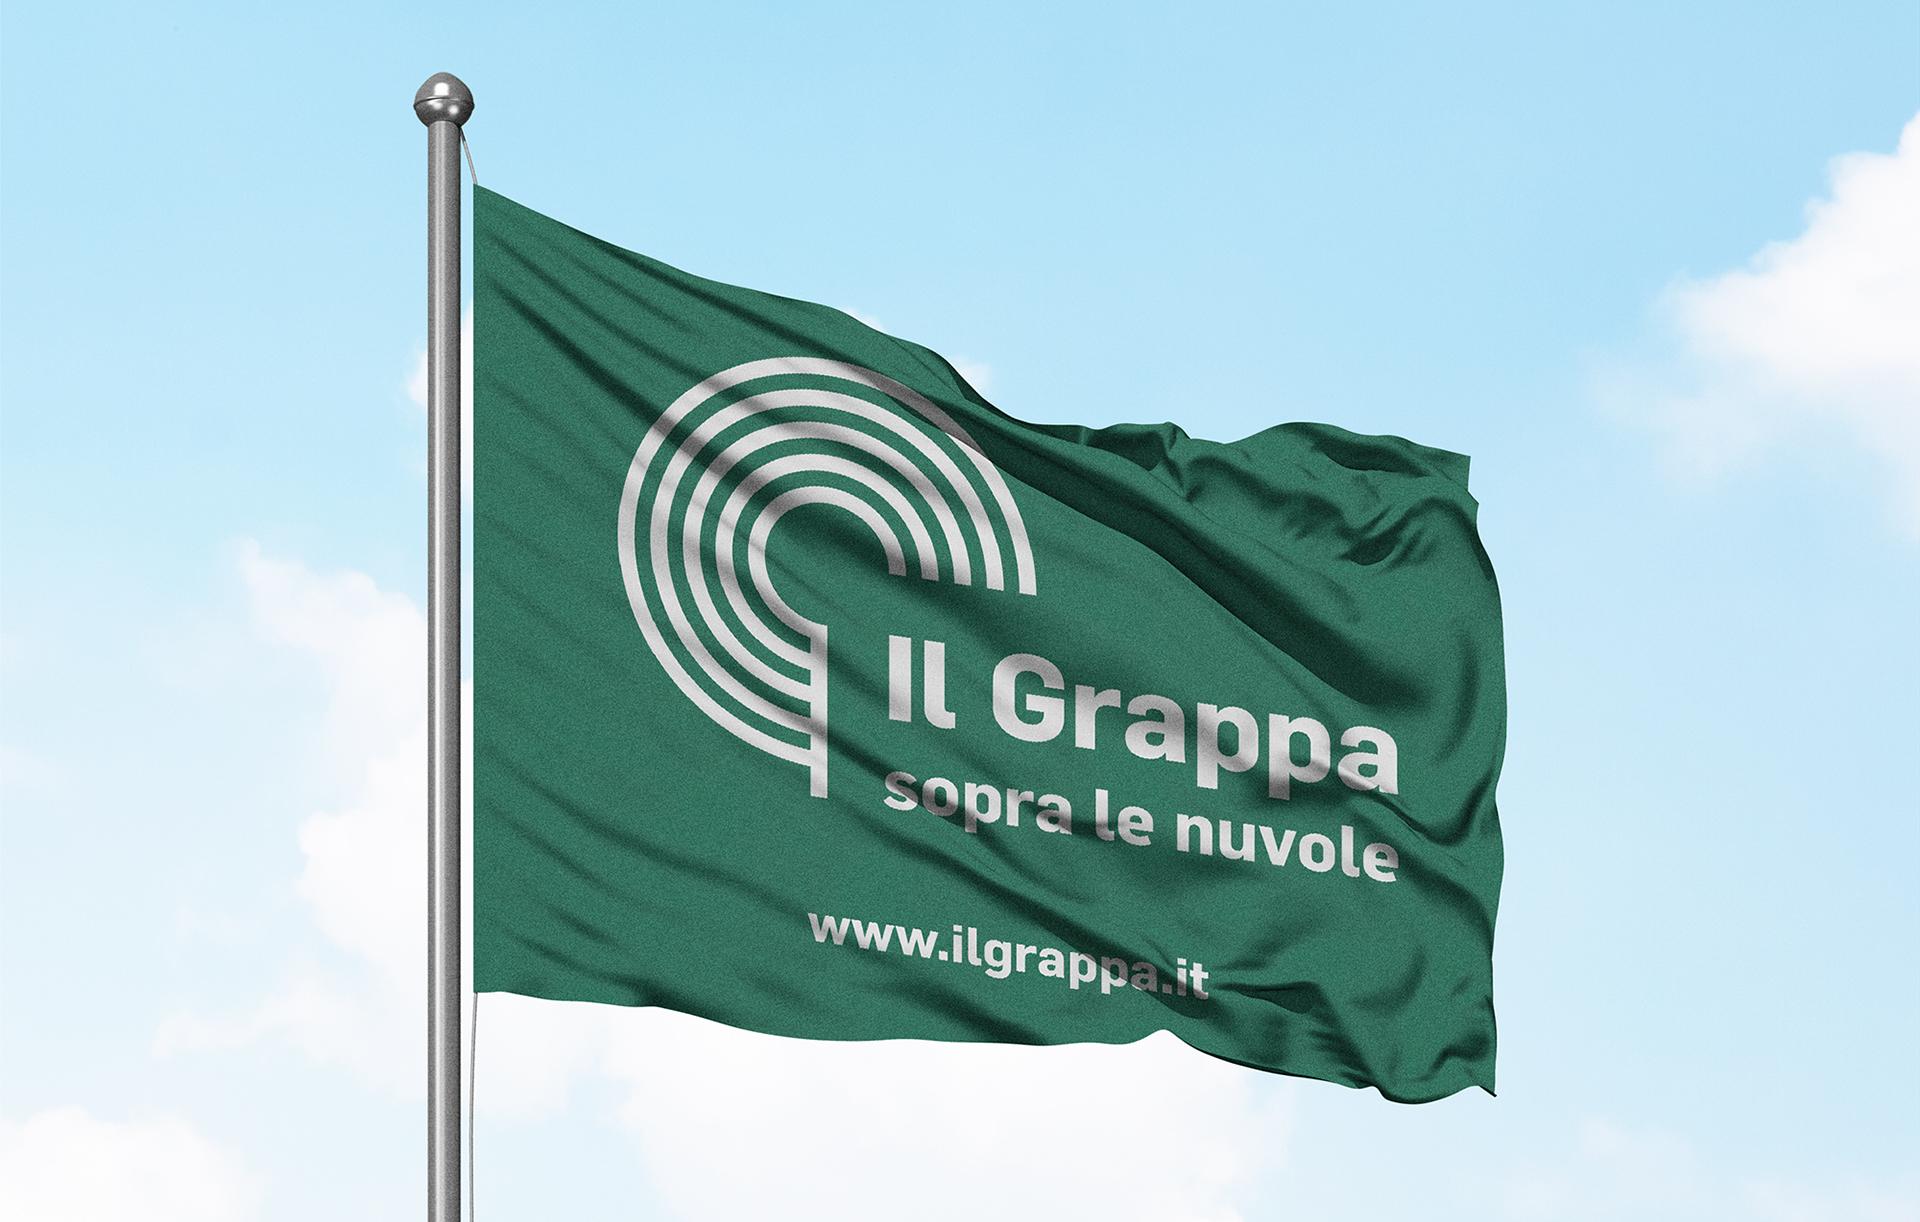 Strategia di marketing territoriale bandiera Il Grappa | Kora Comunicazione